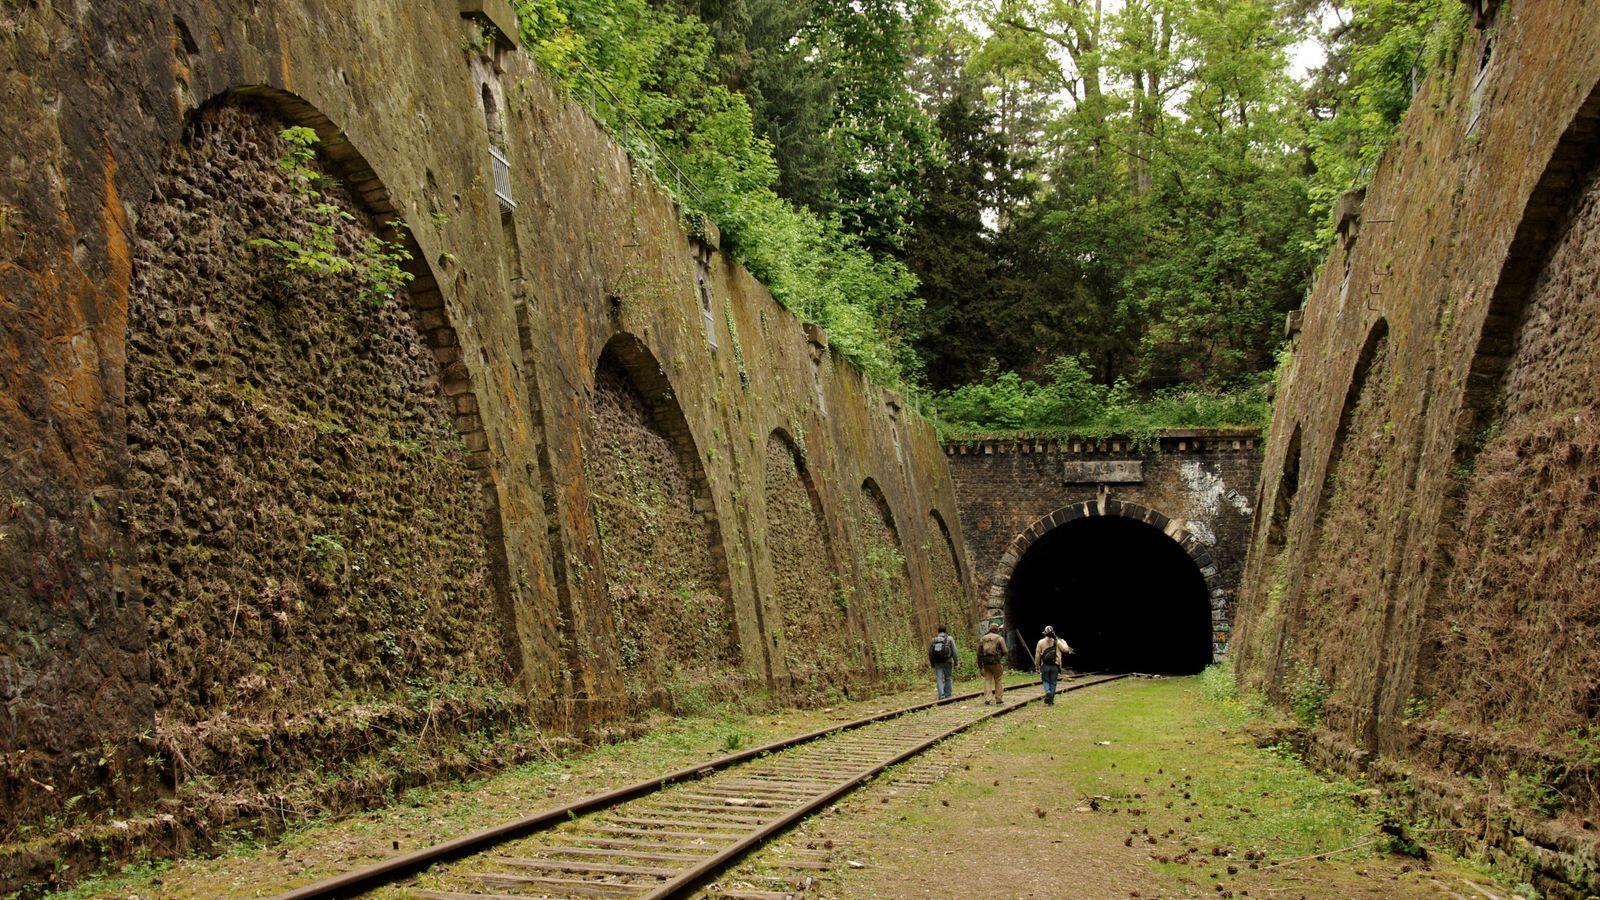 La Petite Ceinture était un chemin de fer parisien qui, à partir de 1852, constituait une ...